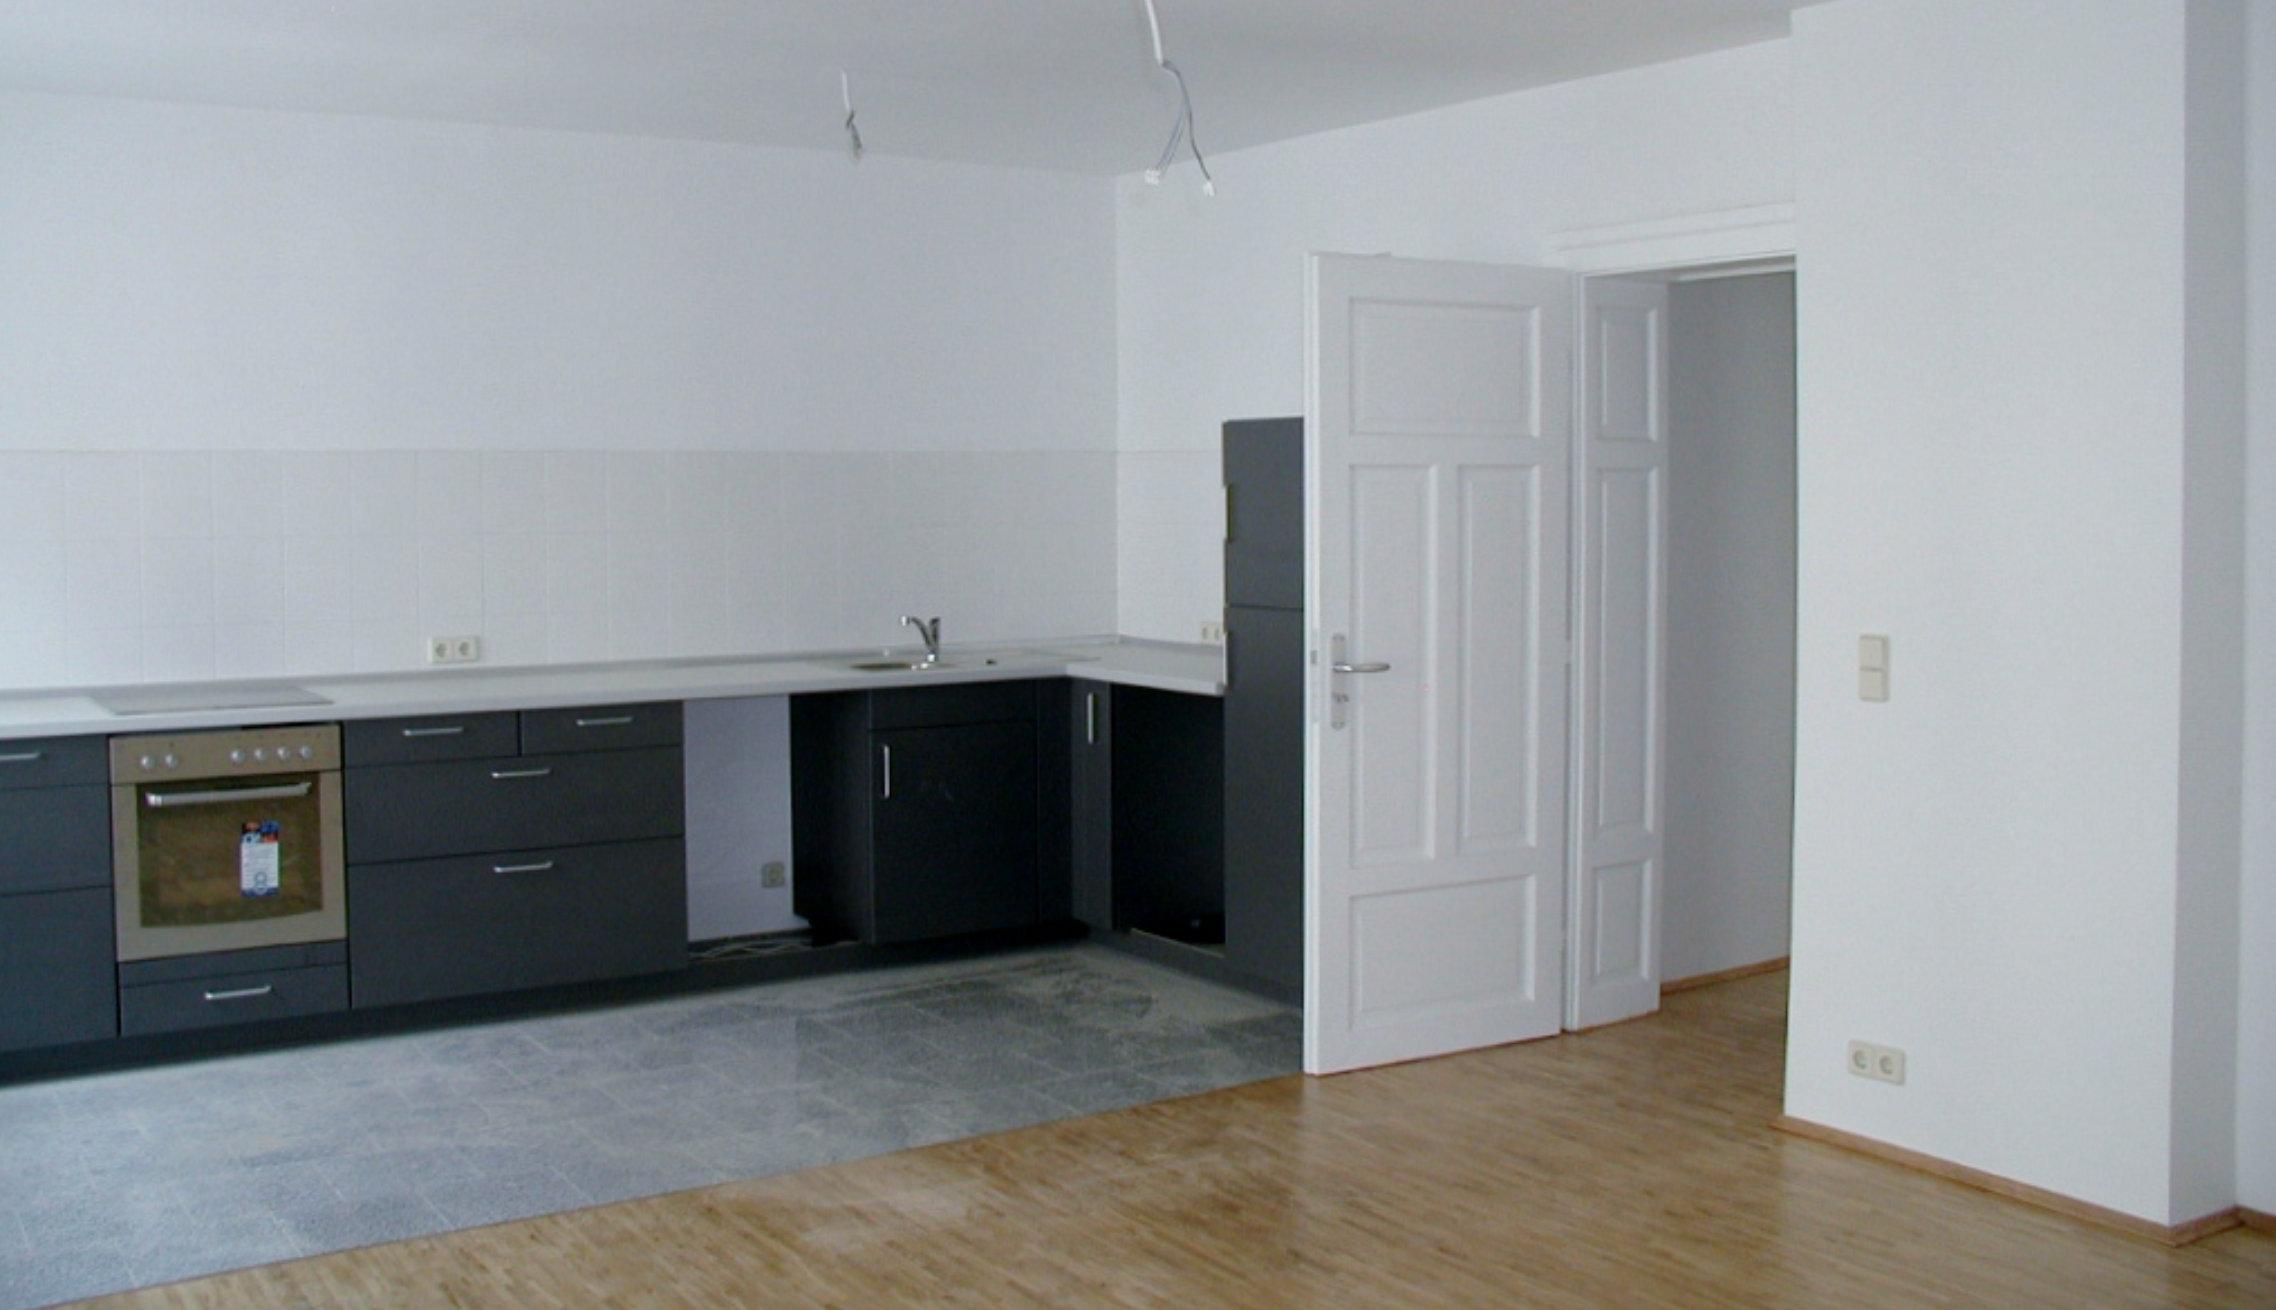 Ausbau und Innenausbauarbeiten wie Trockenbau und Fußbodenbeschichtung